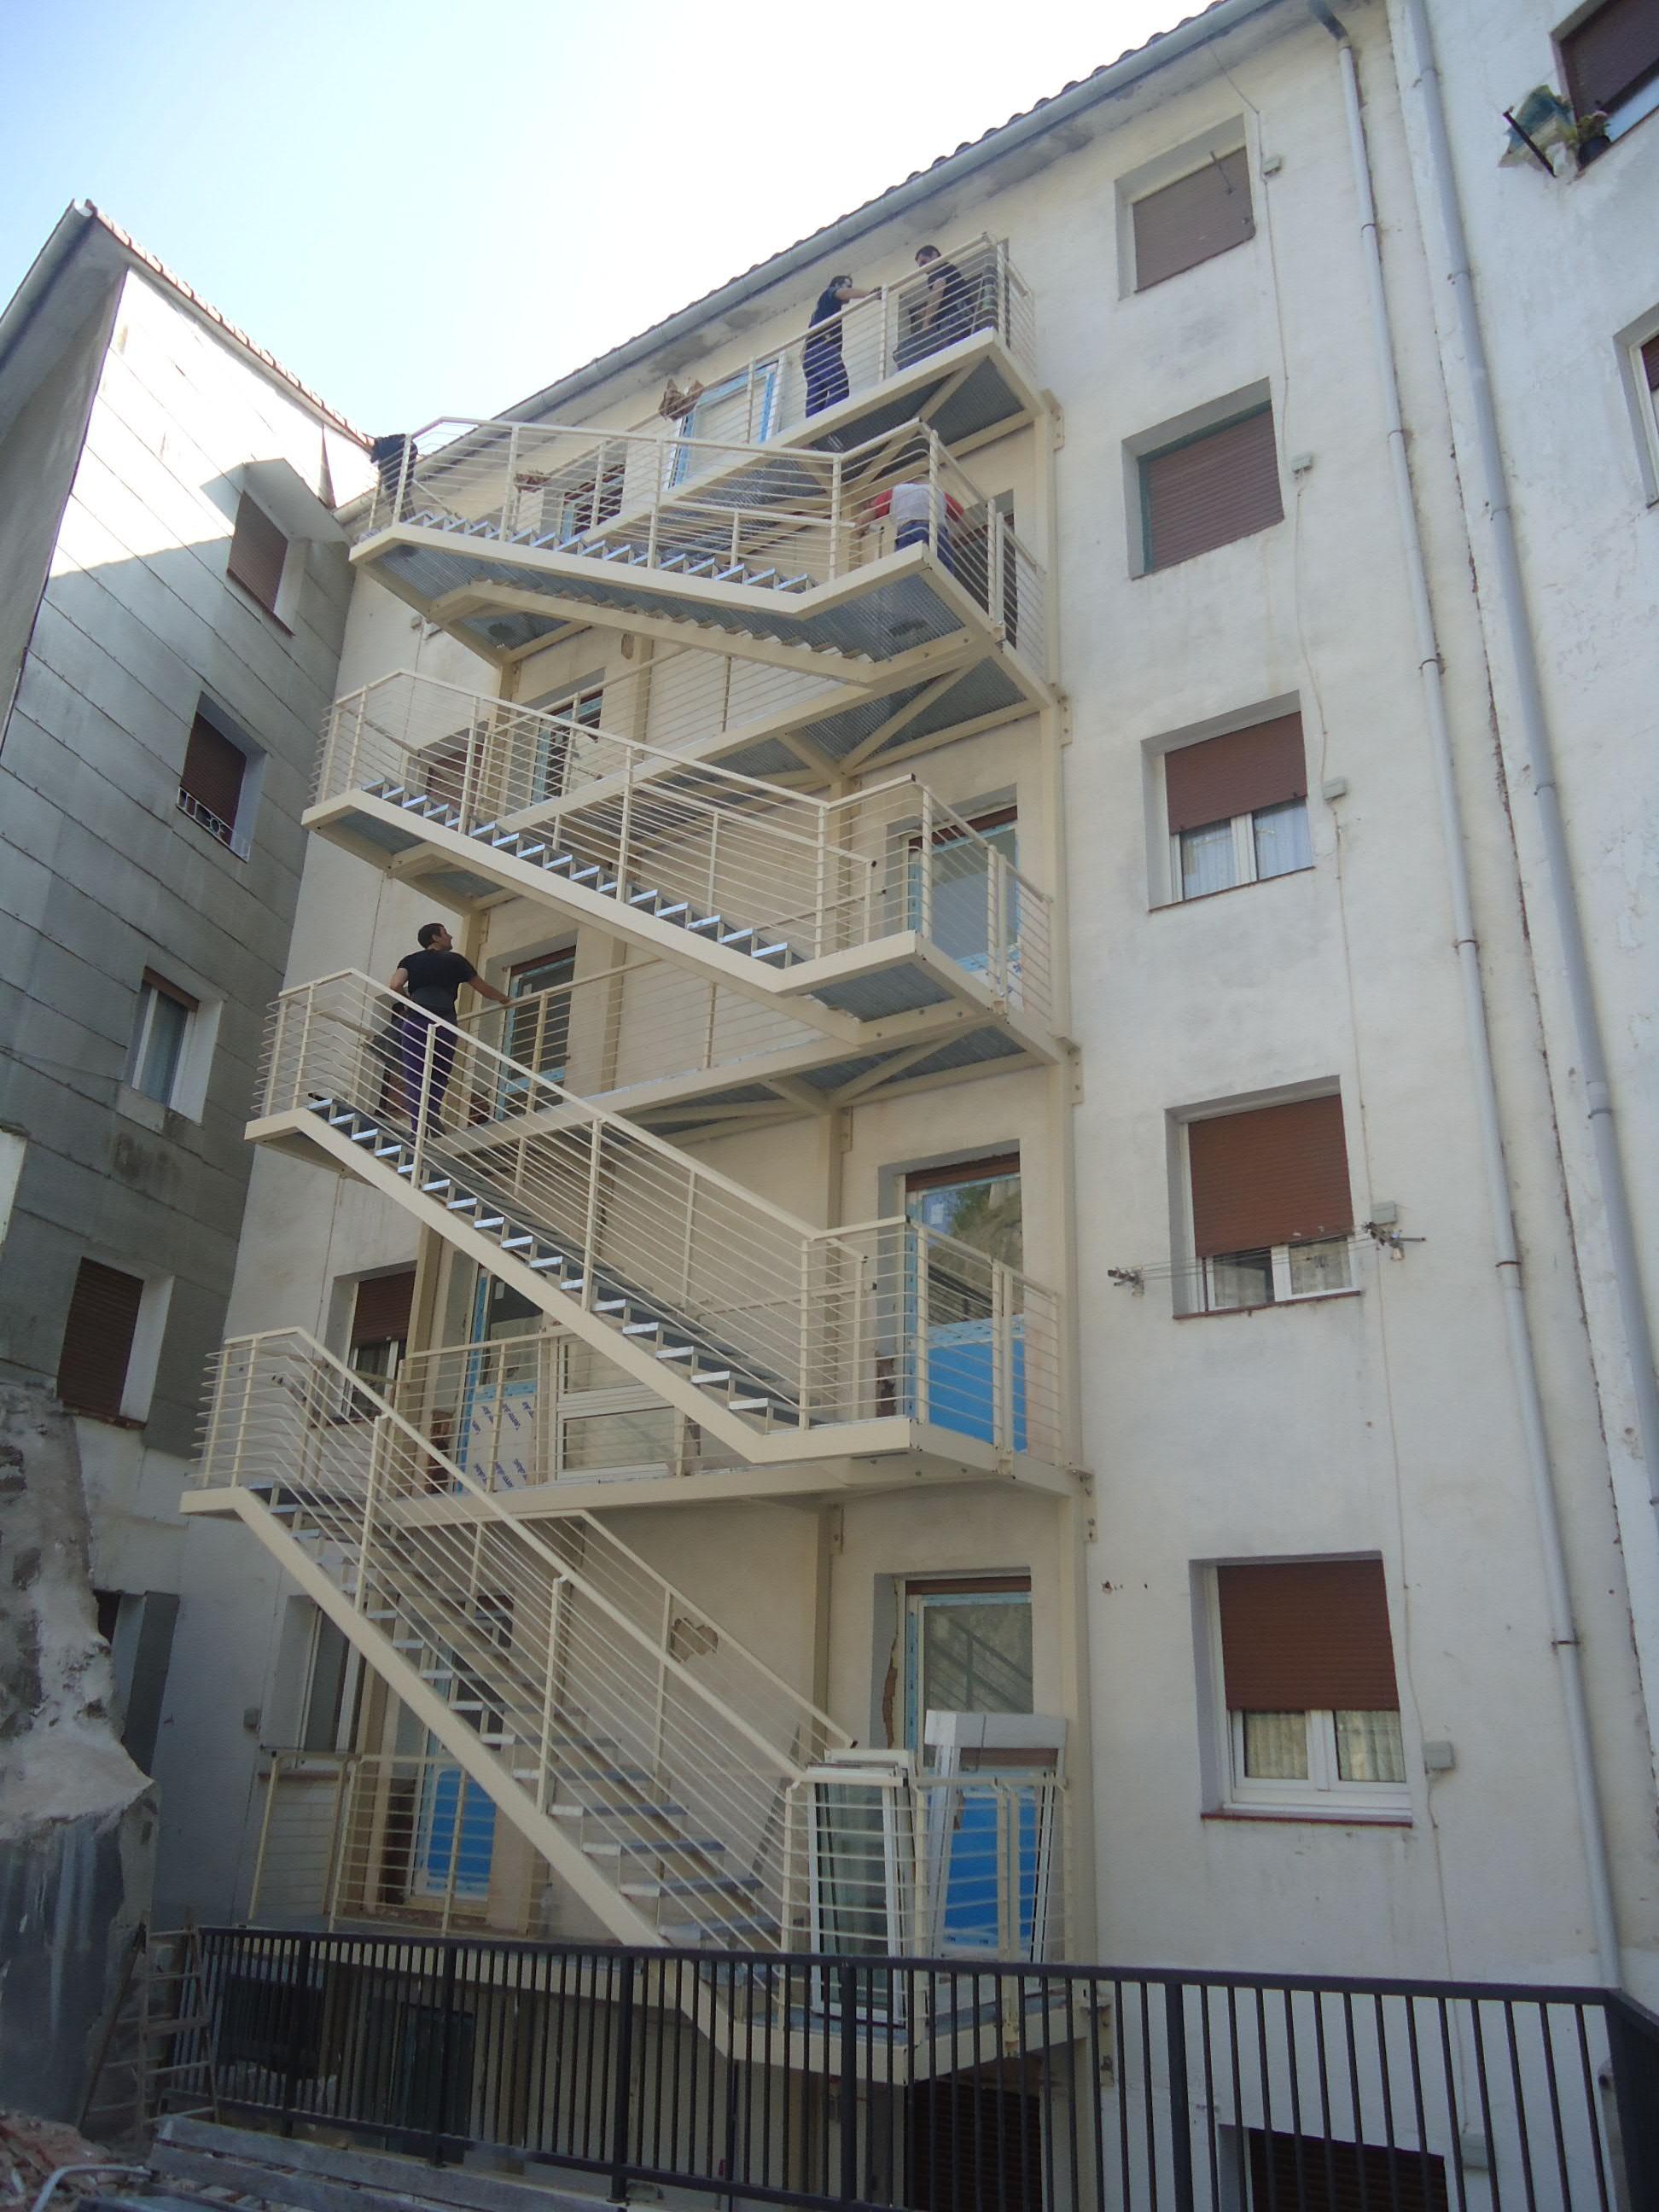 Apertura puertas a escalera